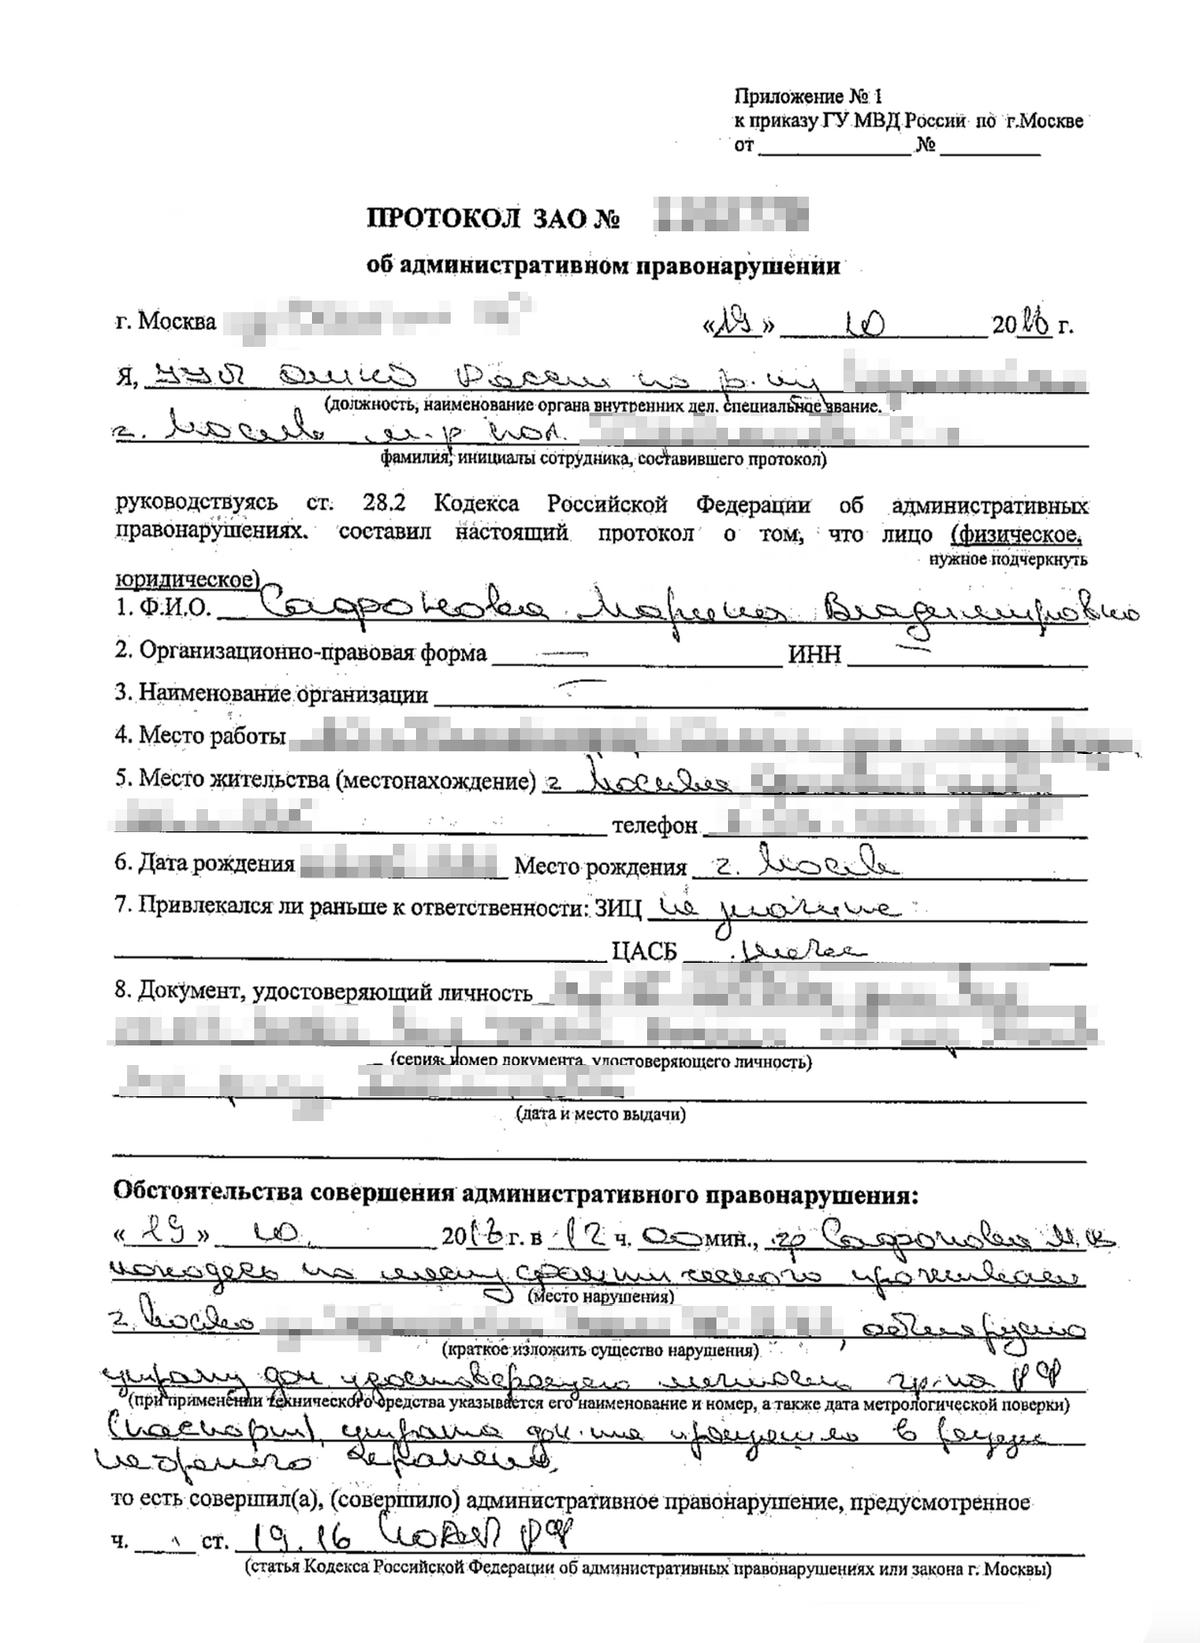 Протокол об административном правонарушении — его составили на основании объяснения Марины